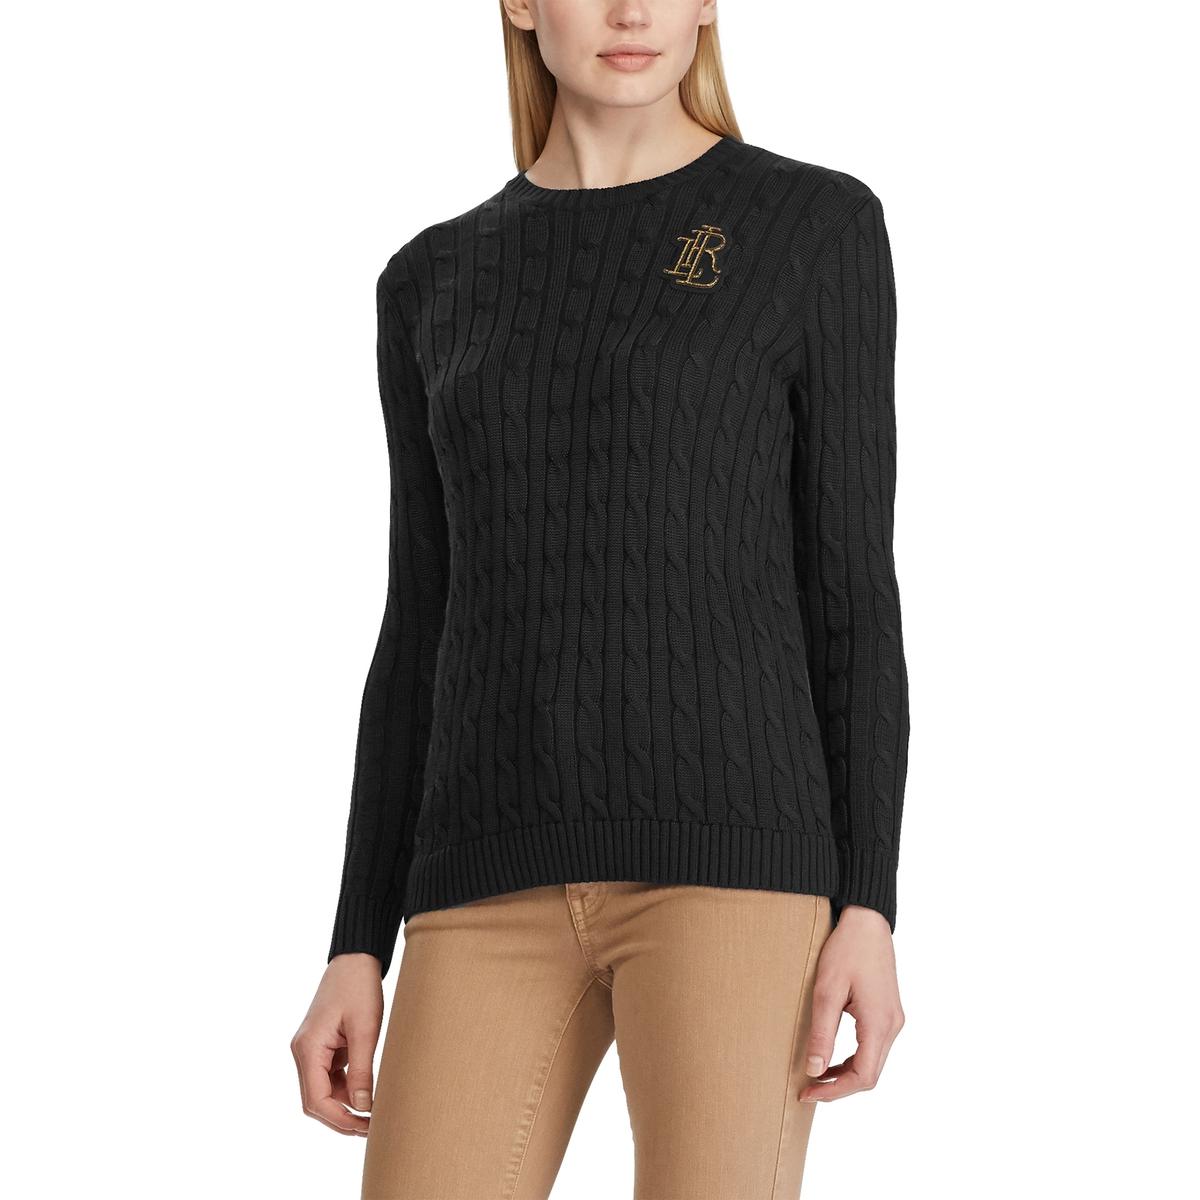 Пуловер La Redoute С круглым вырезом из витого трикотажа M черный свитшот la redoute с круглым вырезом и вышивкой s черный